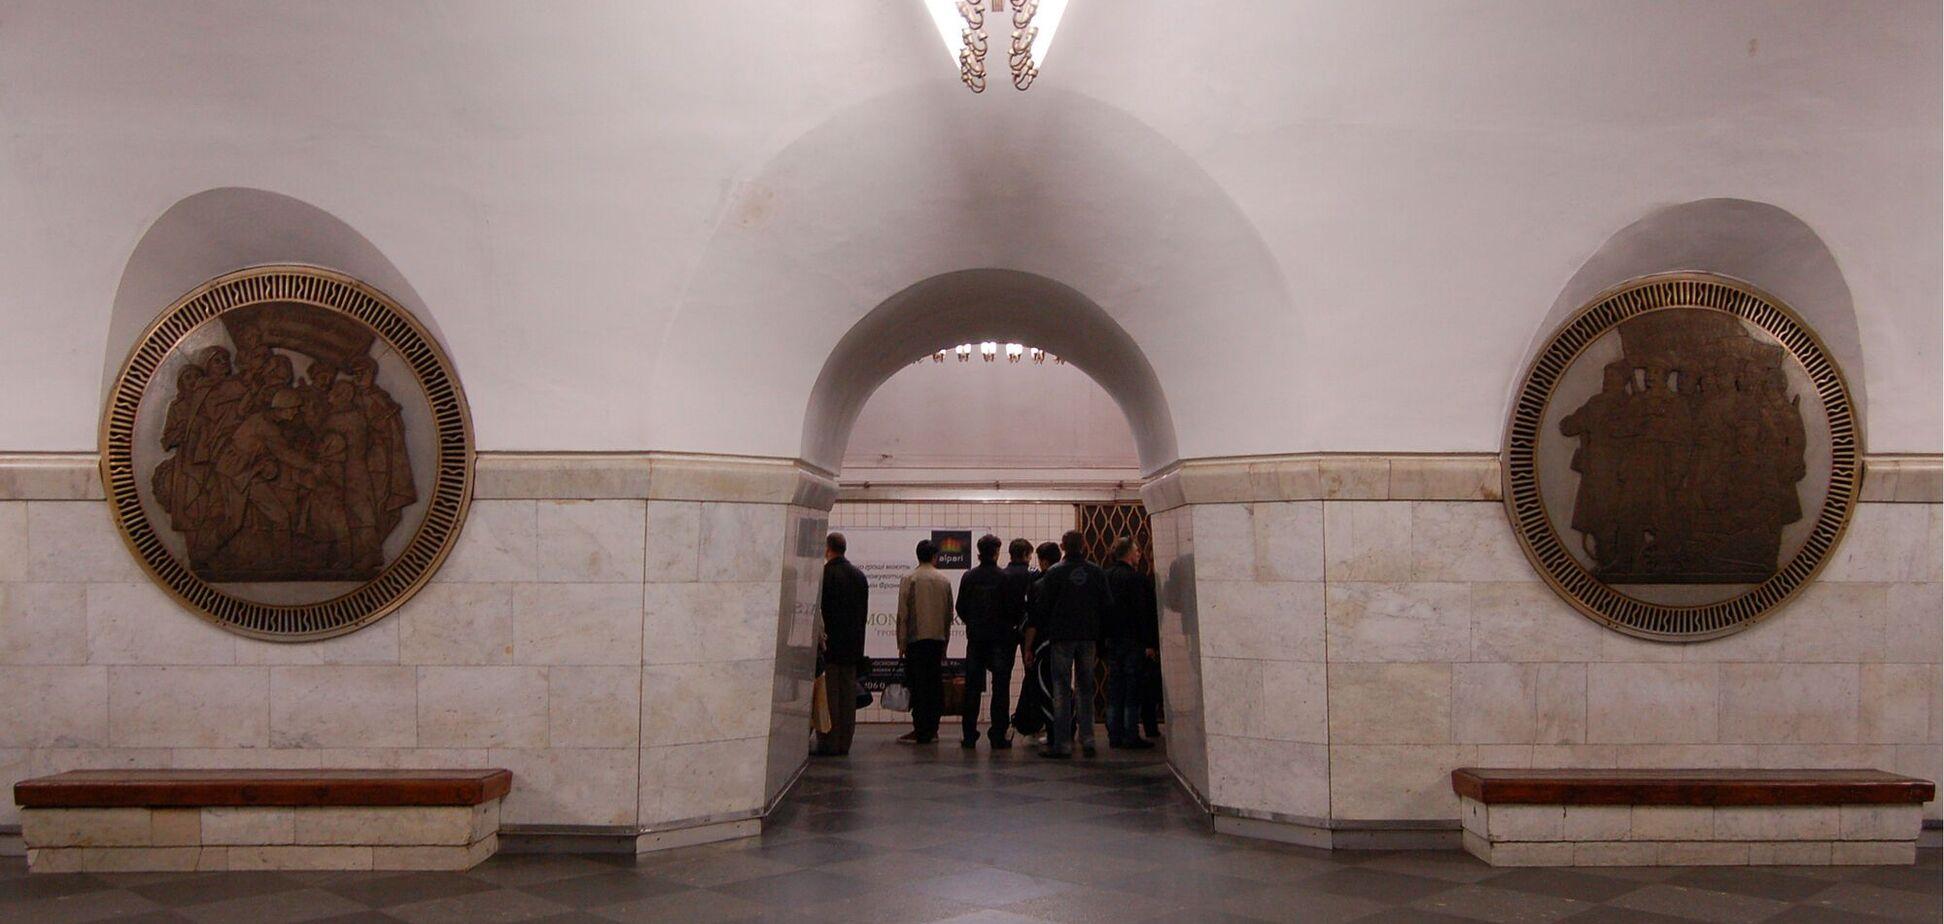 Оформление станции содержит аспекты украинской истории